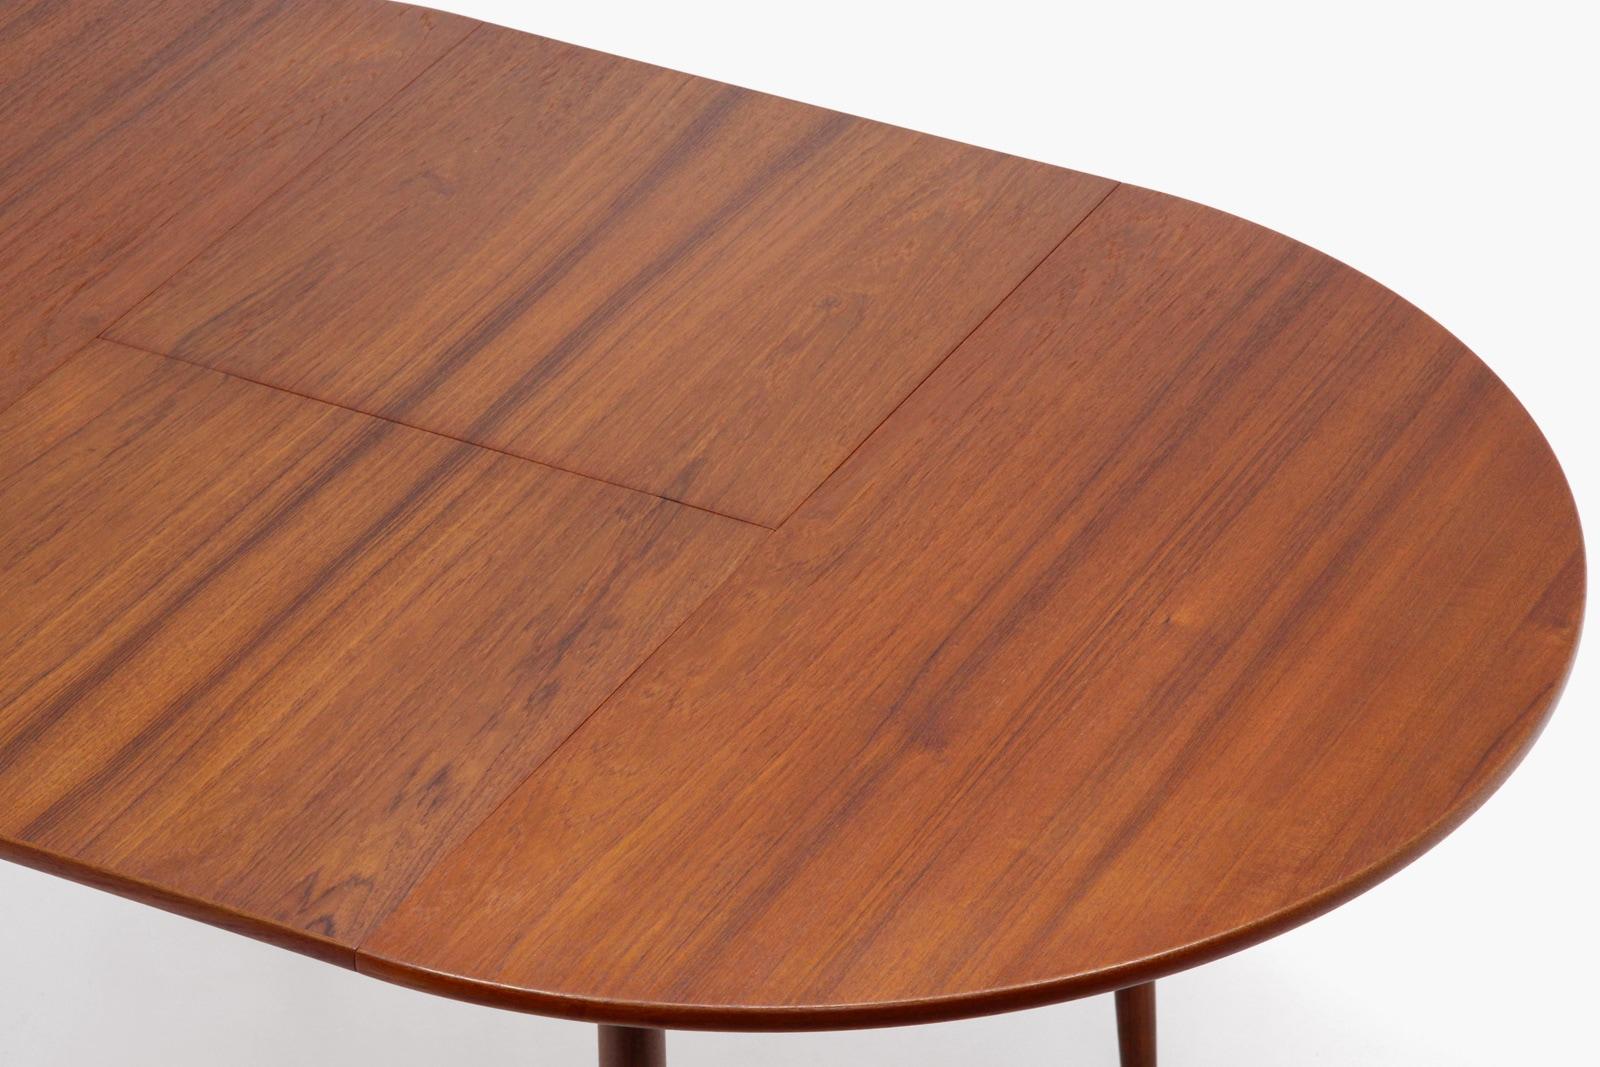 北欧,ダイニング,テーブル,丸,円形,110cm